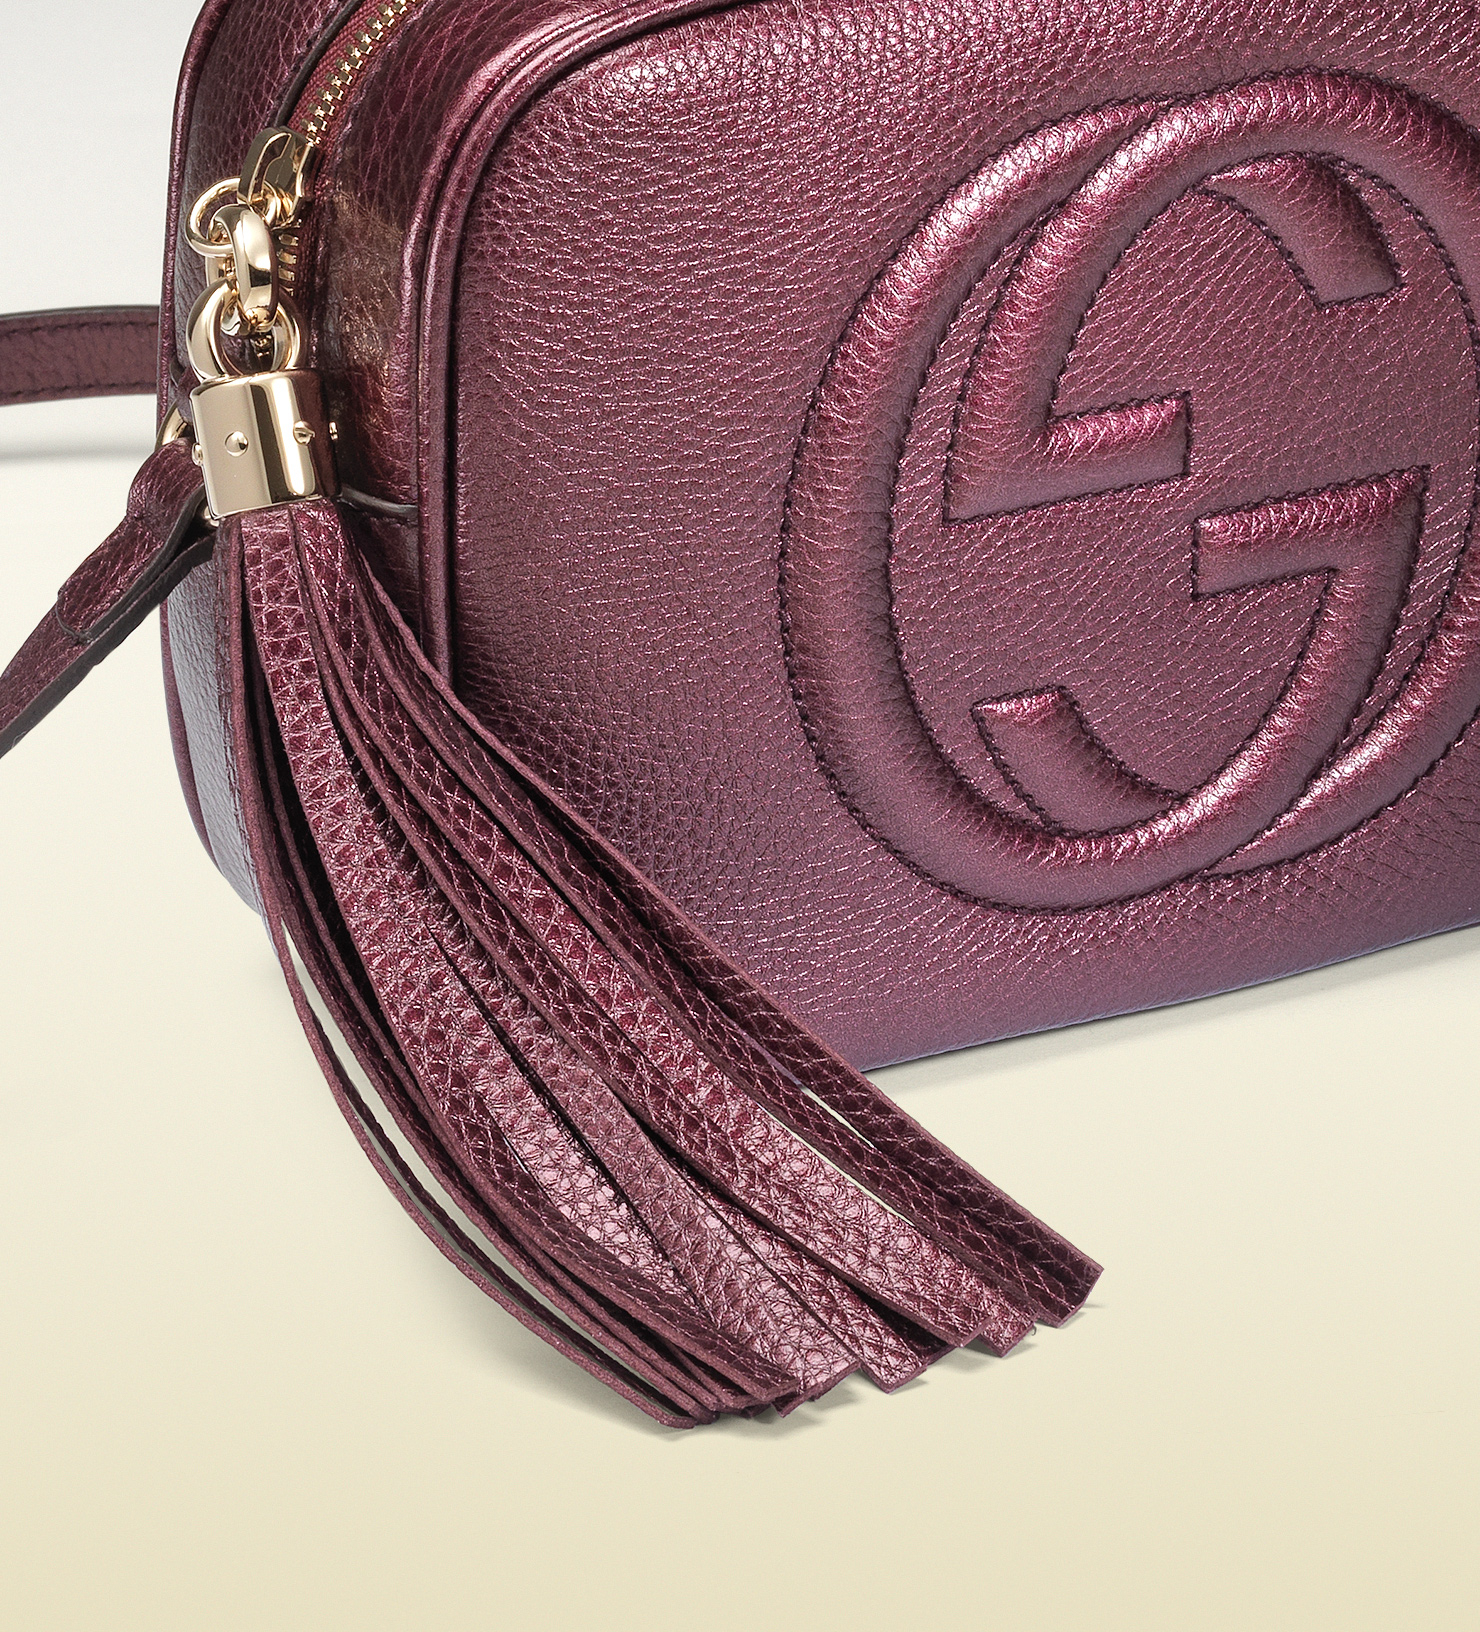 f65adaee629 Lyst - Gucci Soho Metallic Leather Disco Bag in Purple